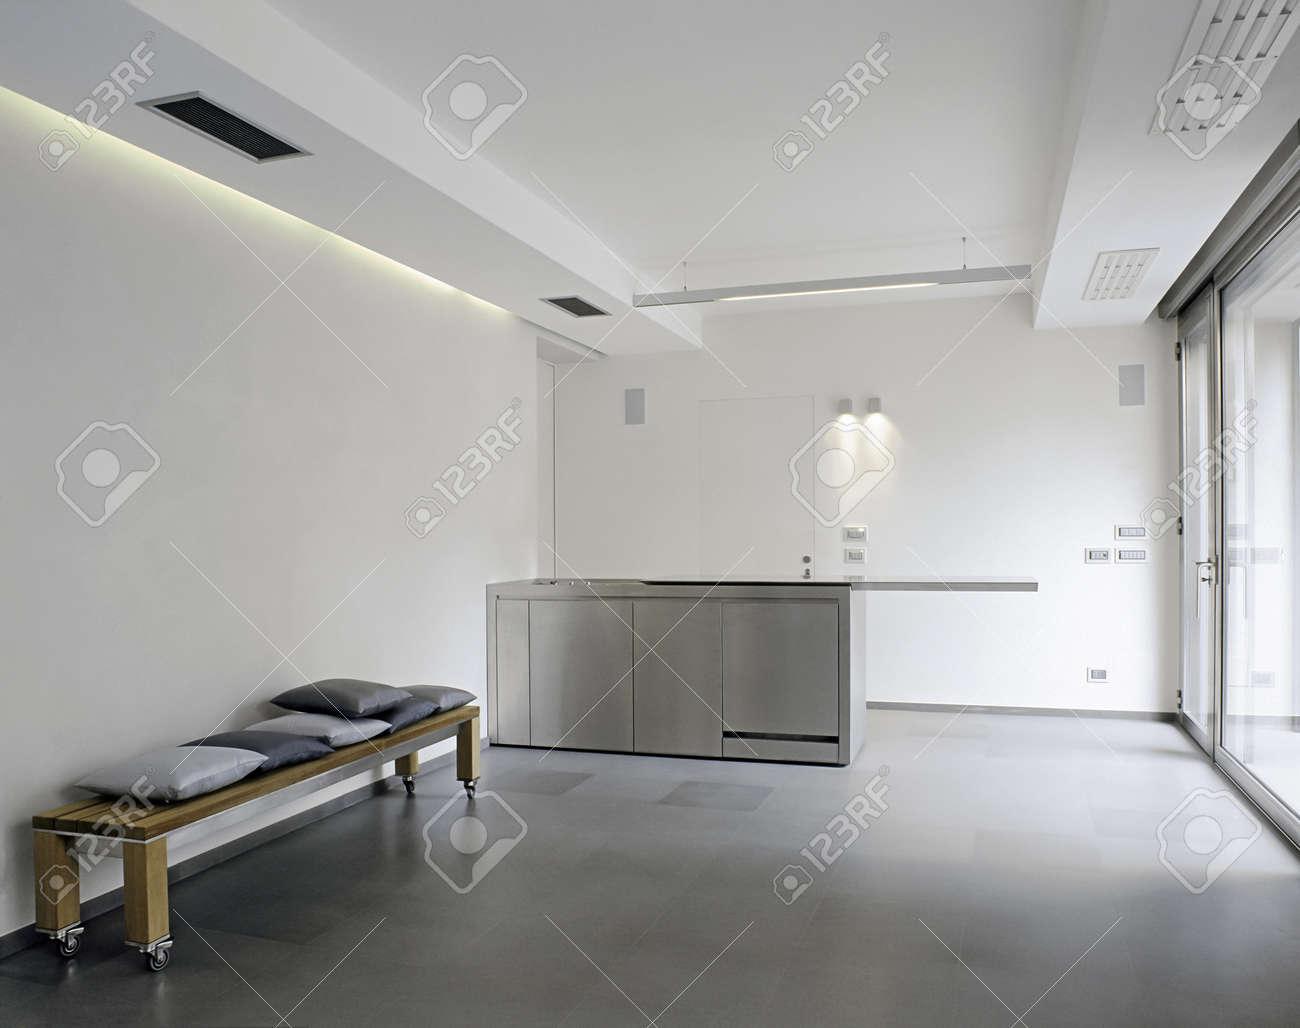 Cucina bianca piastrelle grigie top per cucine colorato nero